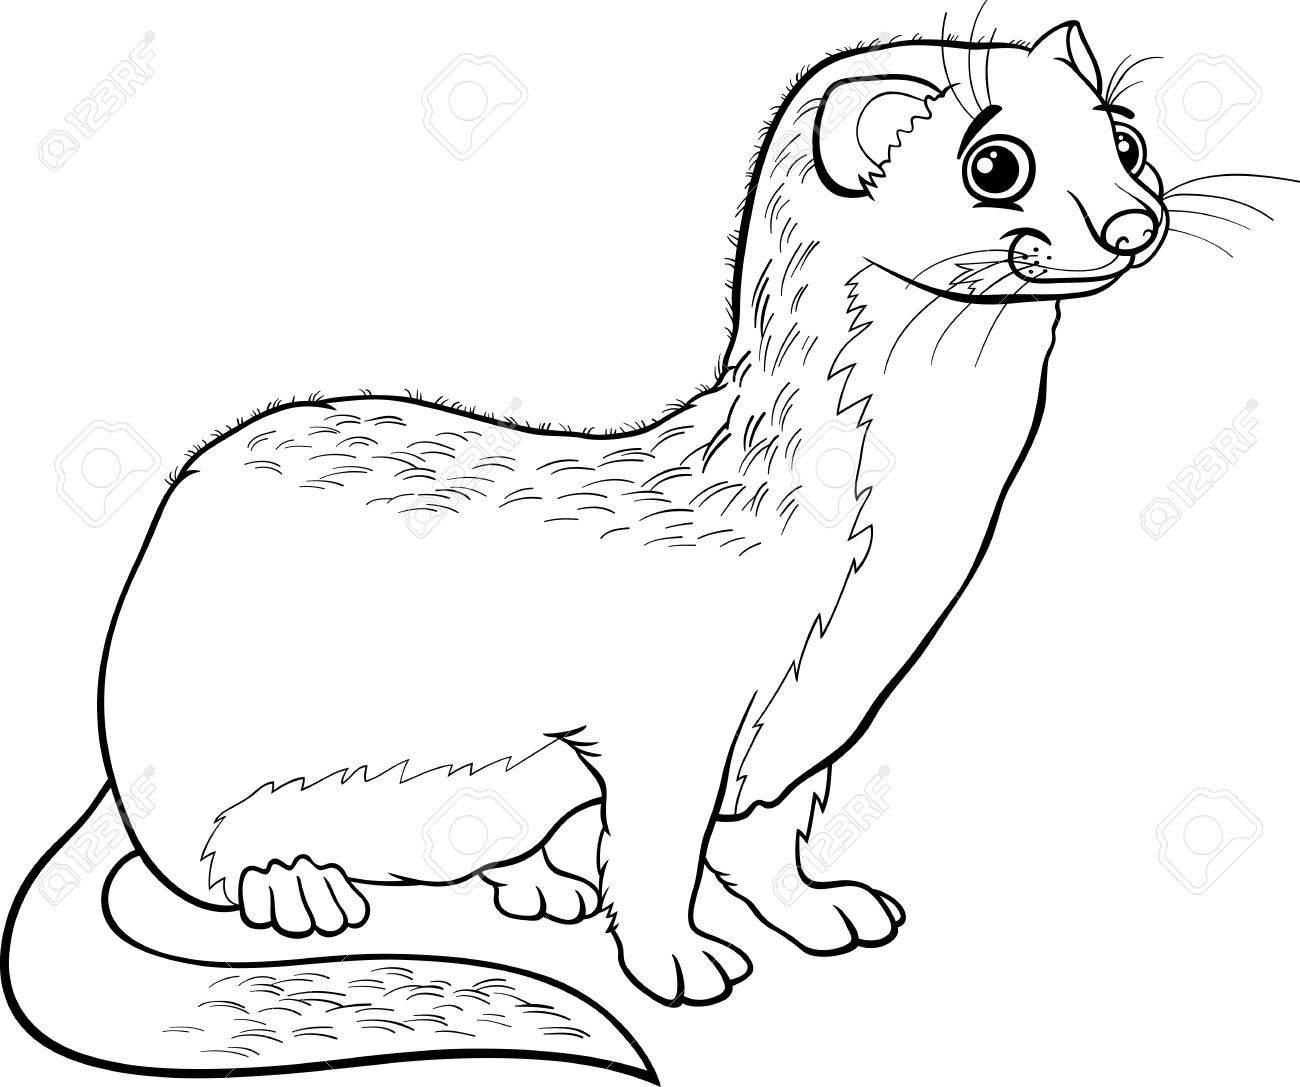 かわいいイタチ動物の塗り絵の黒と白の漫画イラストのイラスト素材